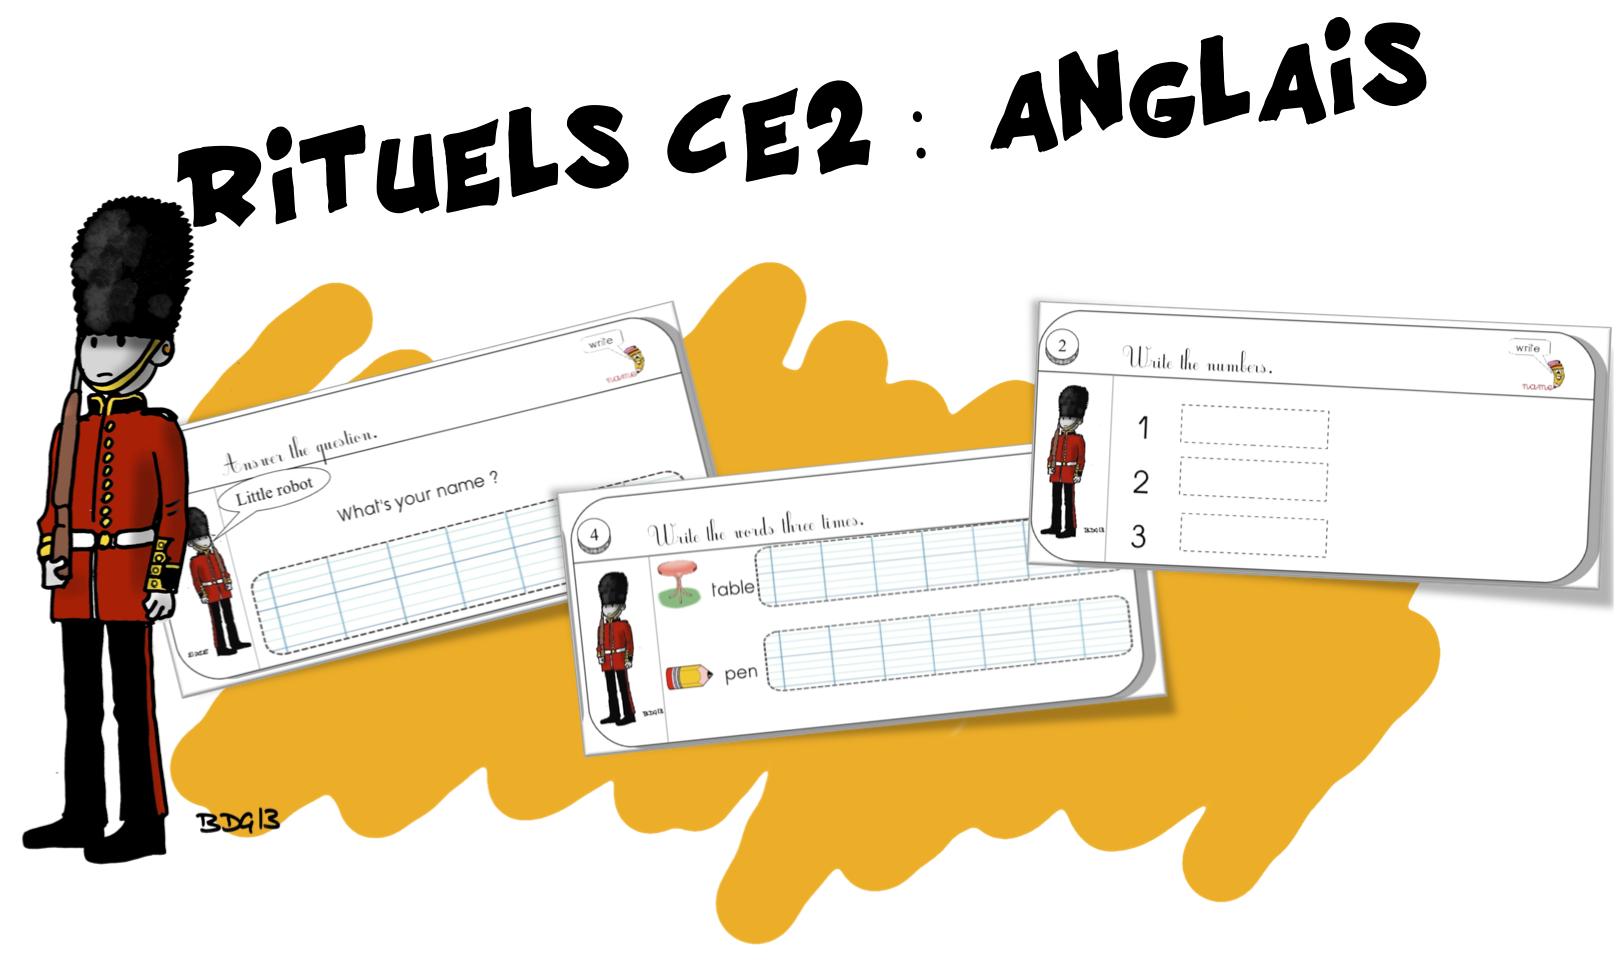 Top Rituels CE2 : Anglais | Bout de Gomme QI96